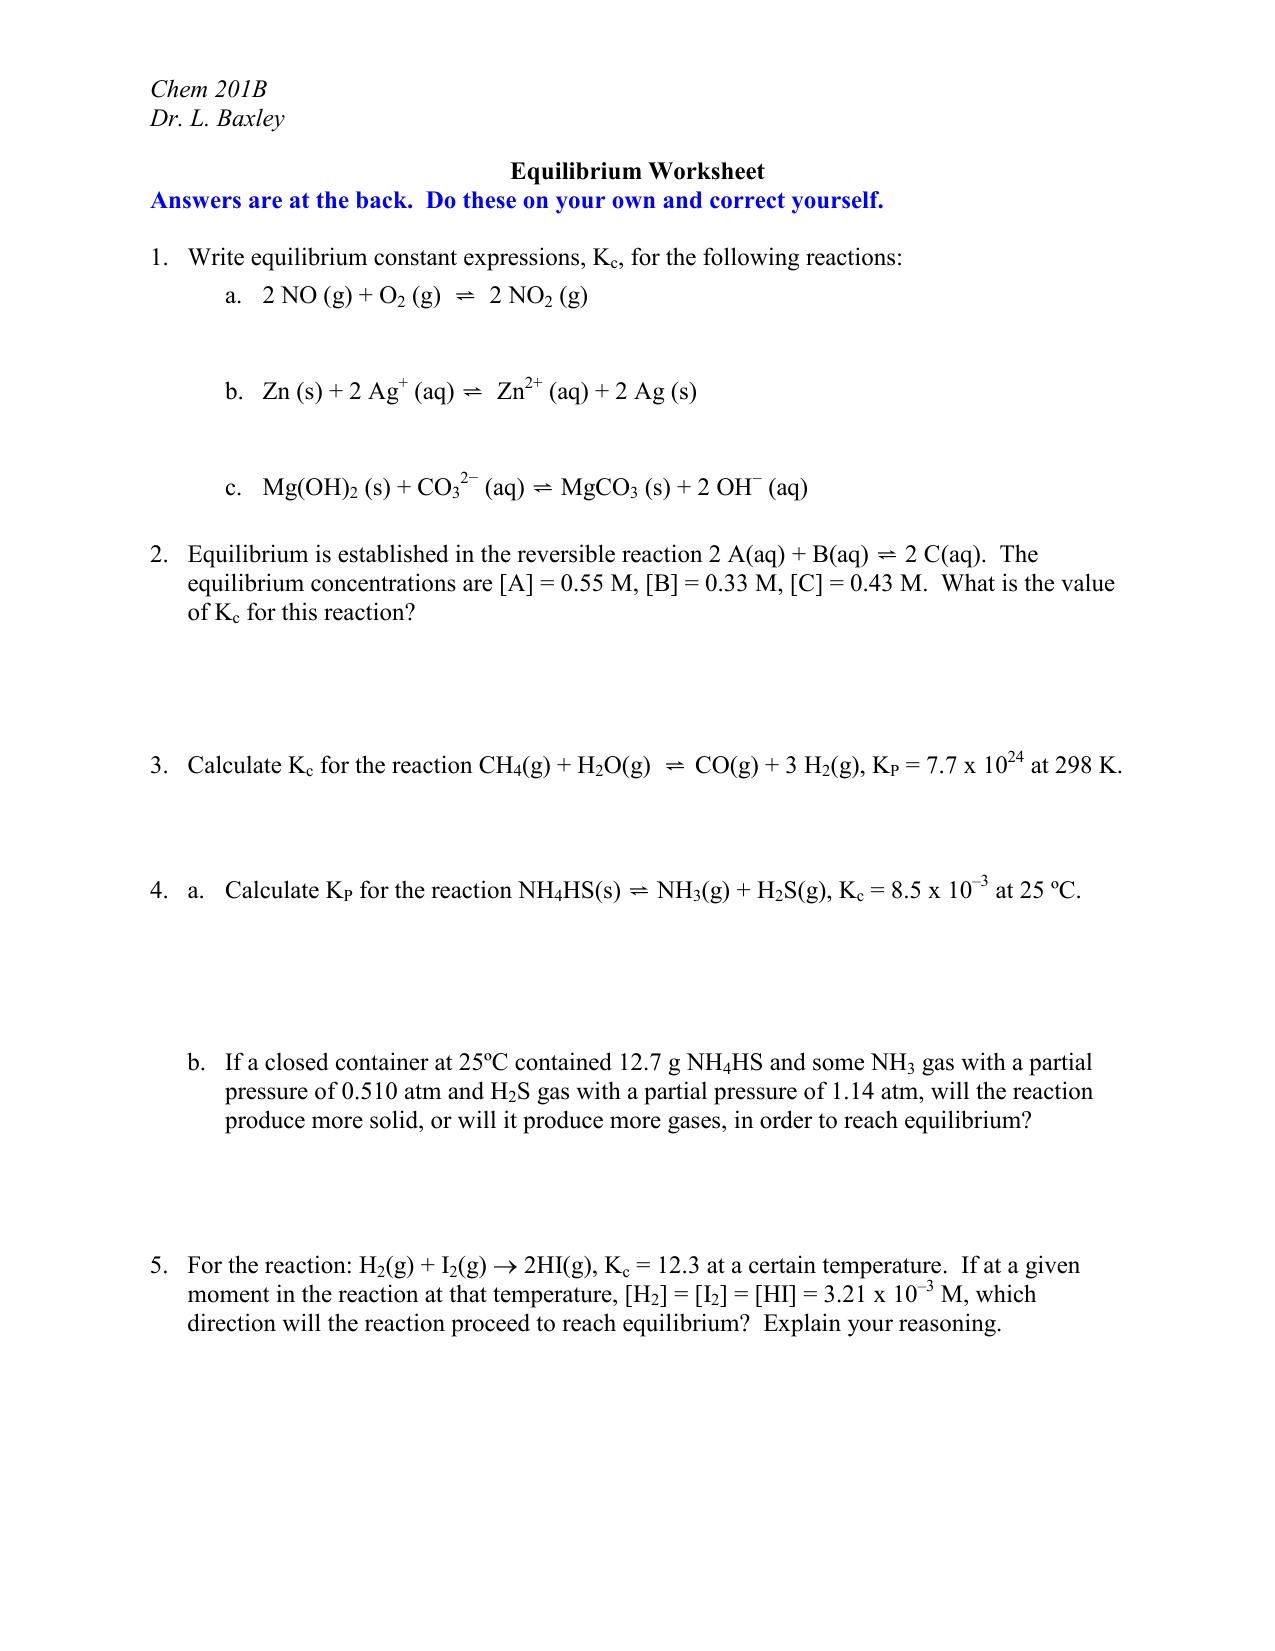 Worksheets Equilibrium Constant Worksheet dr baxleys equilibrium worksheet